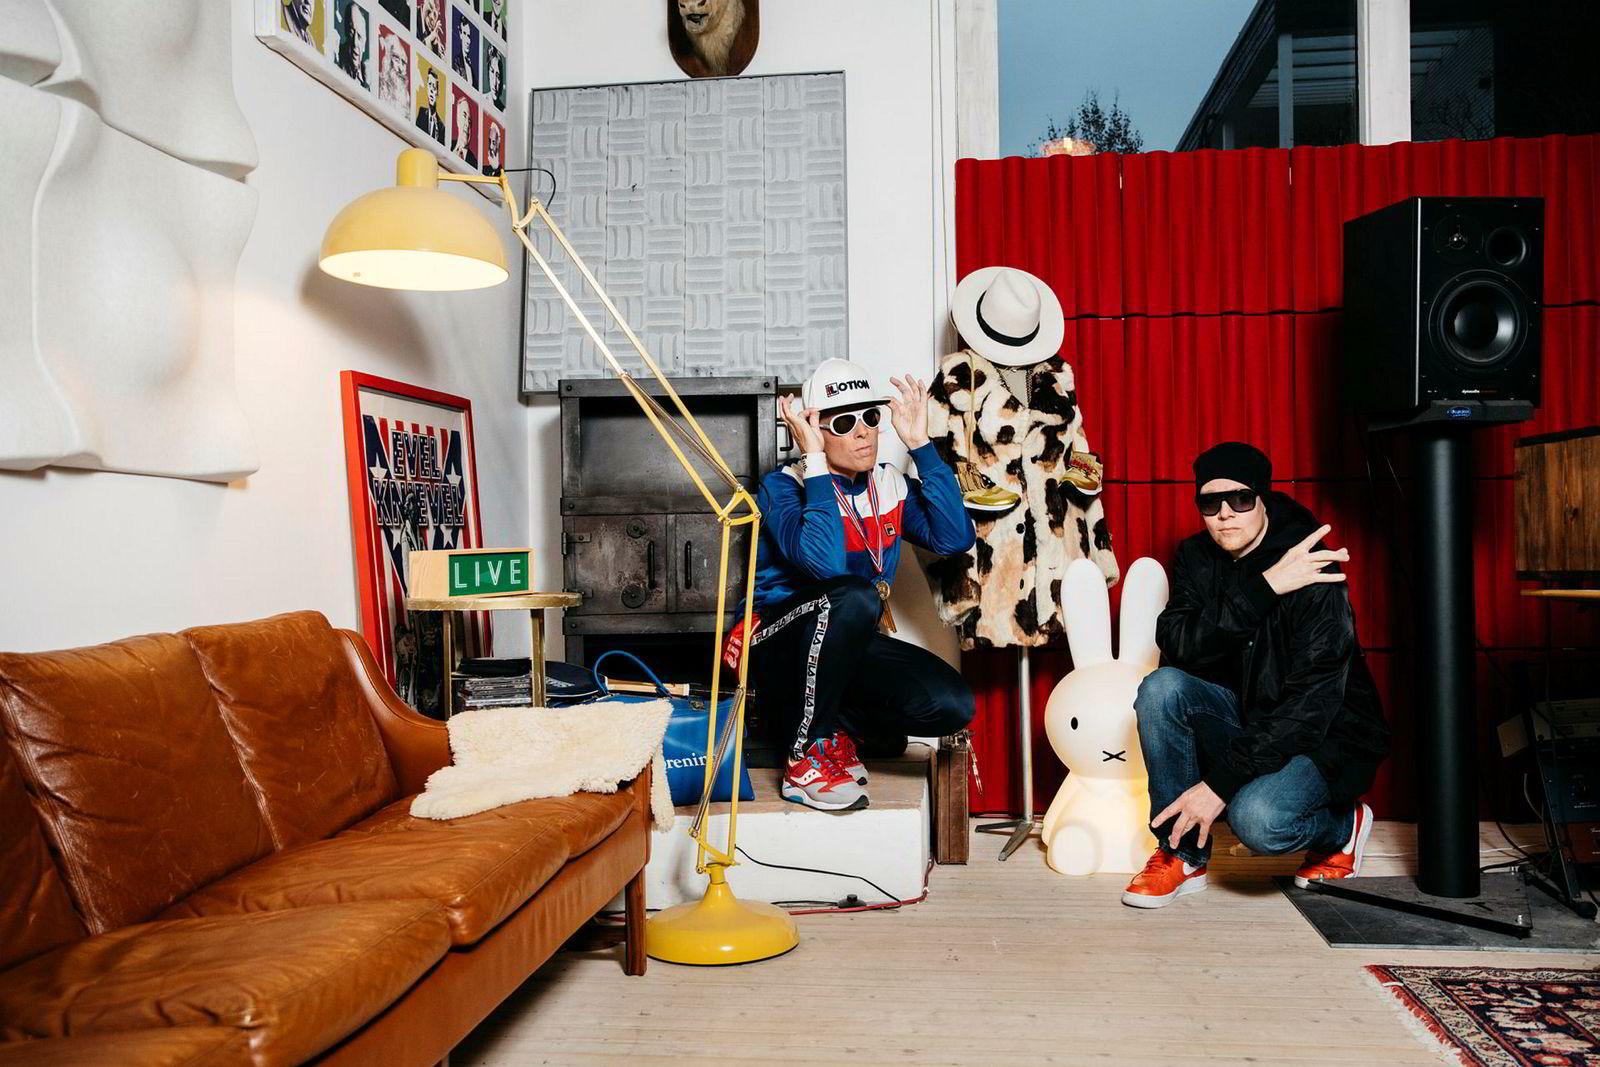 Rapperne Oral Bee og Mr. Pimp Lotion, Anders Kranmo Smestad og Thomas Huse, fikk oppdraget av Aker BioMarine om å lage en rap til Røkkes 60-årsdag. Smestad synes Røkke er så spennende at han kunne laget et helt album.